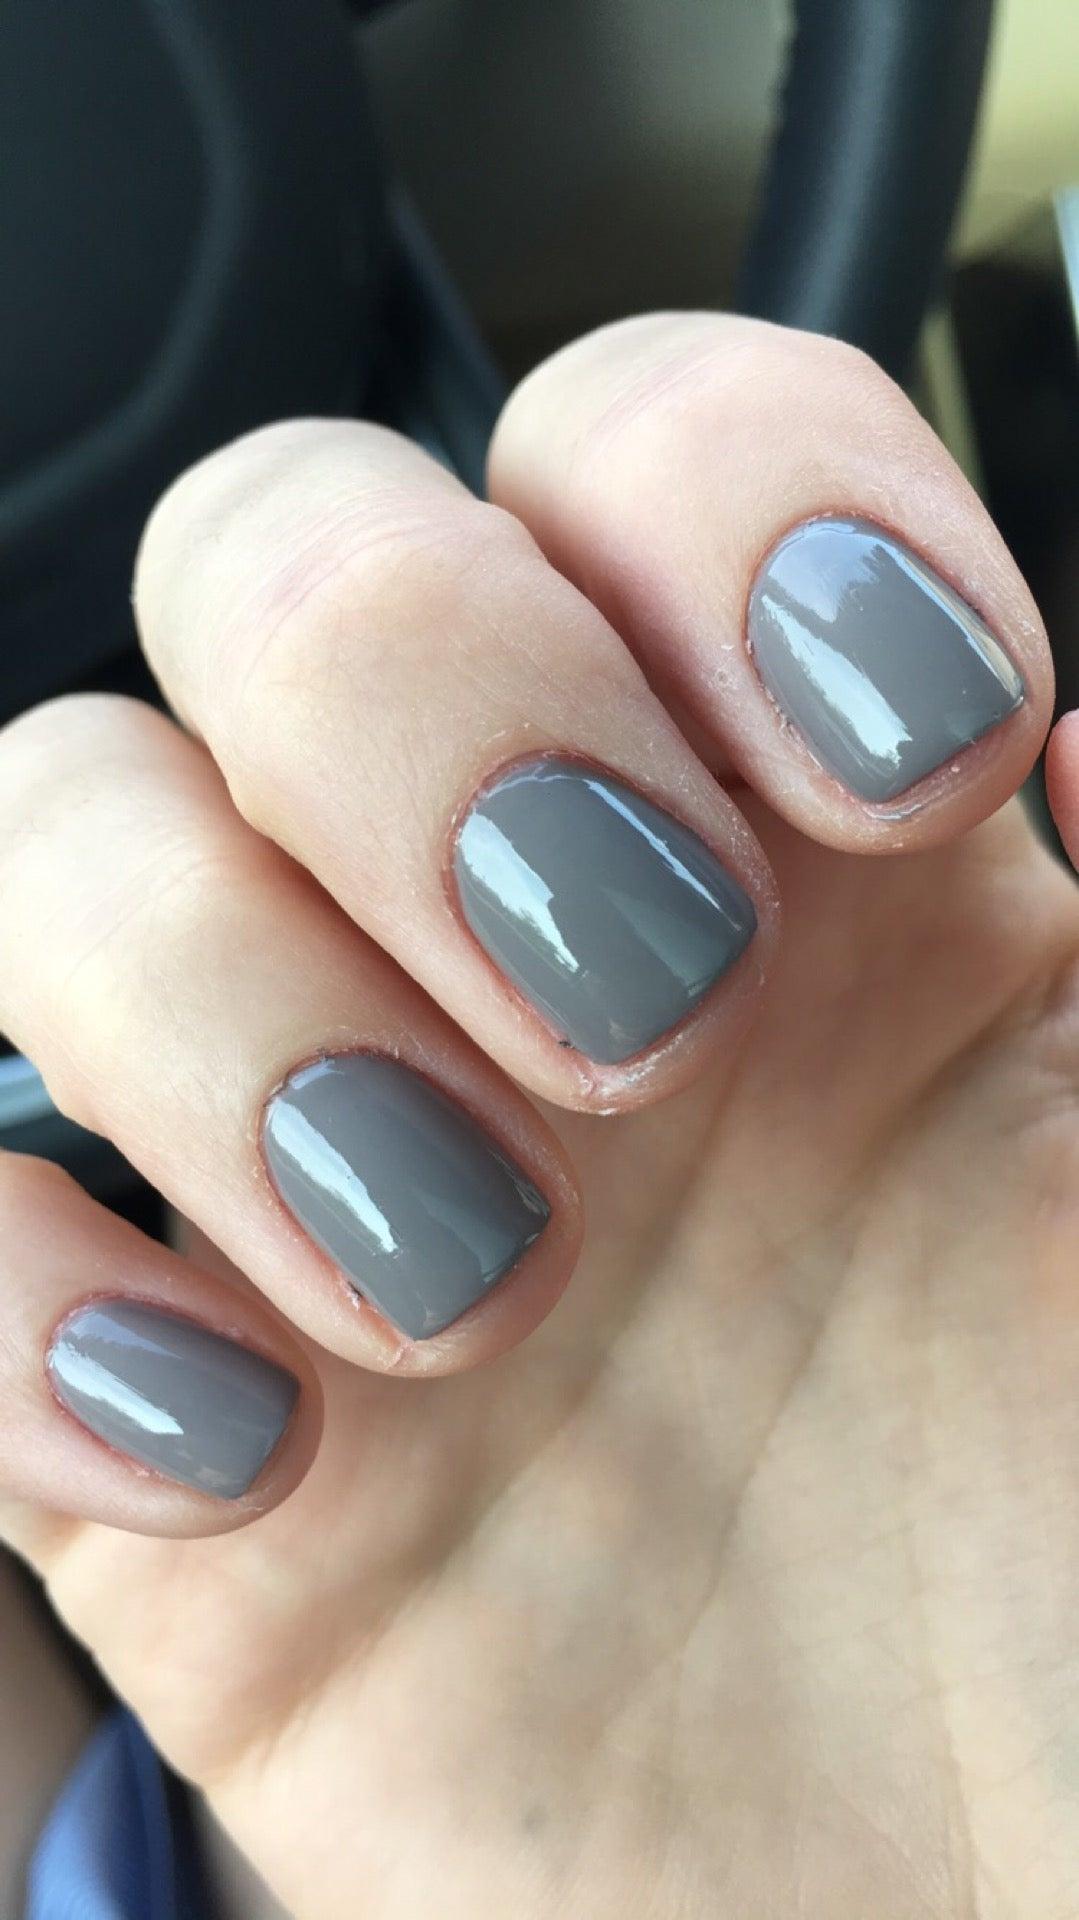 Beyond Salon Zyx1 Nails,